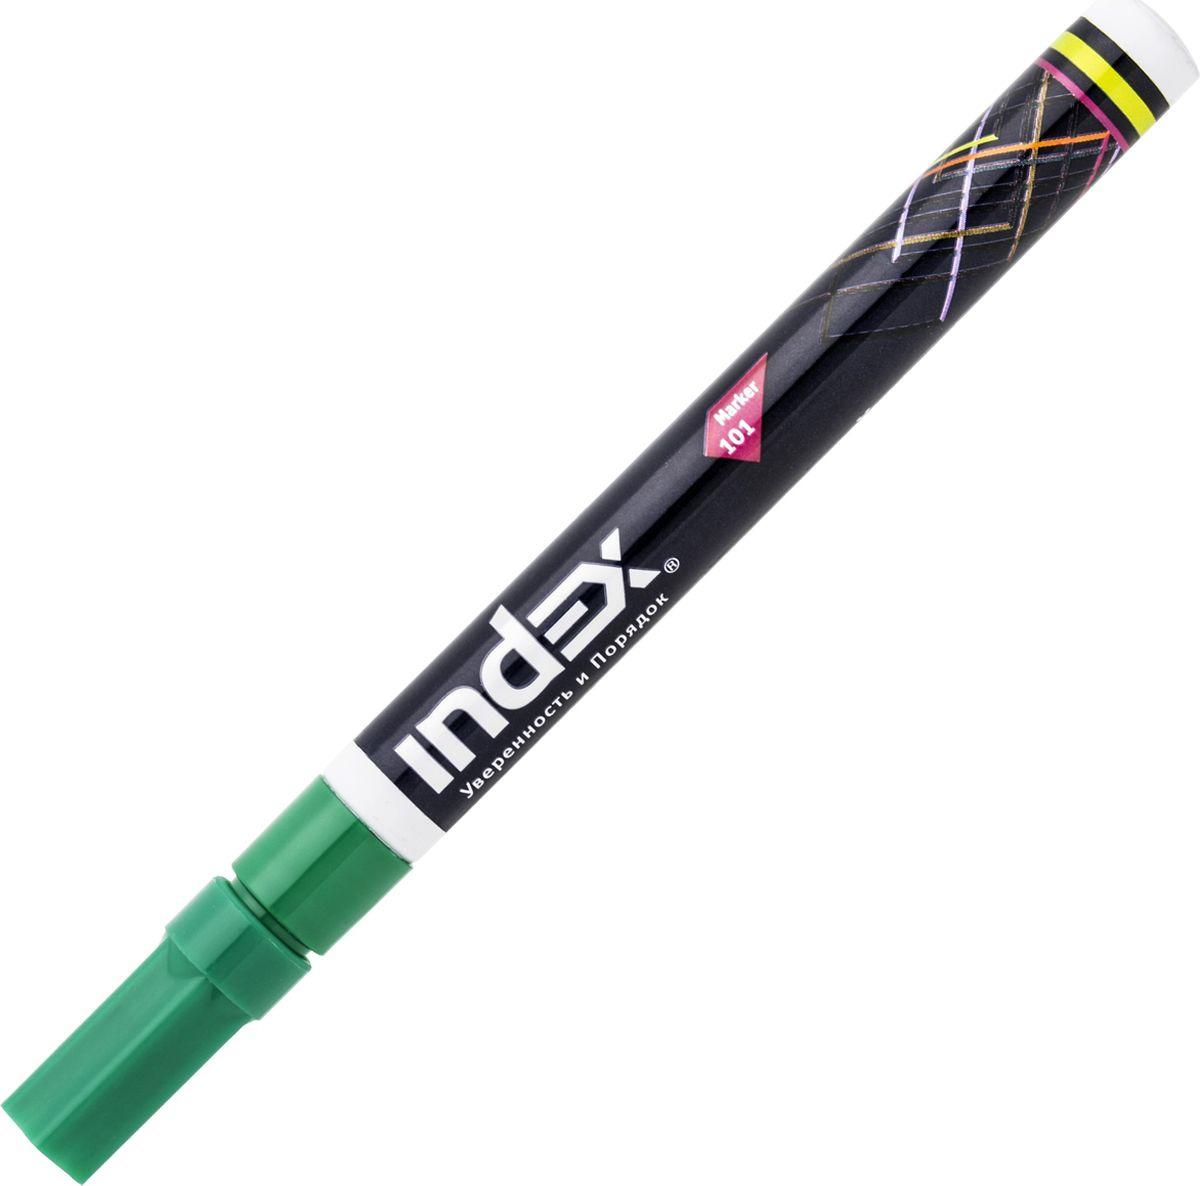 цена Маркер Index лаковый, IPM101/GN, цвет чернил зеленый